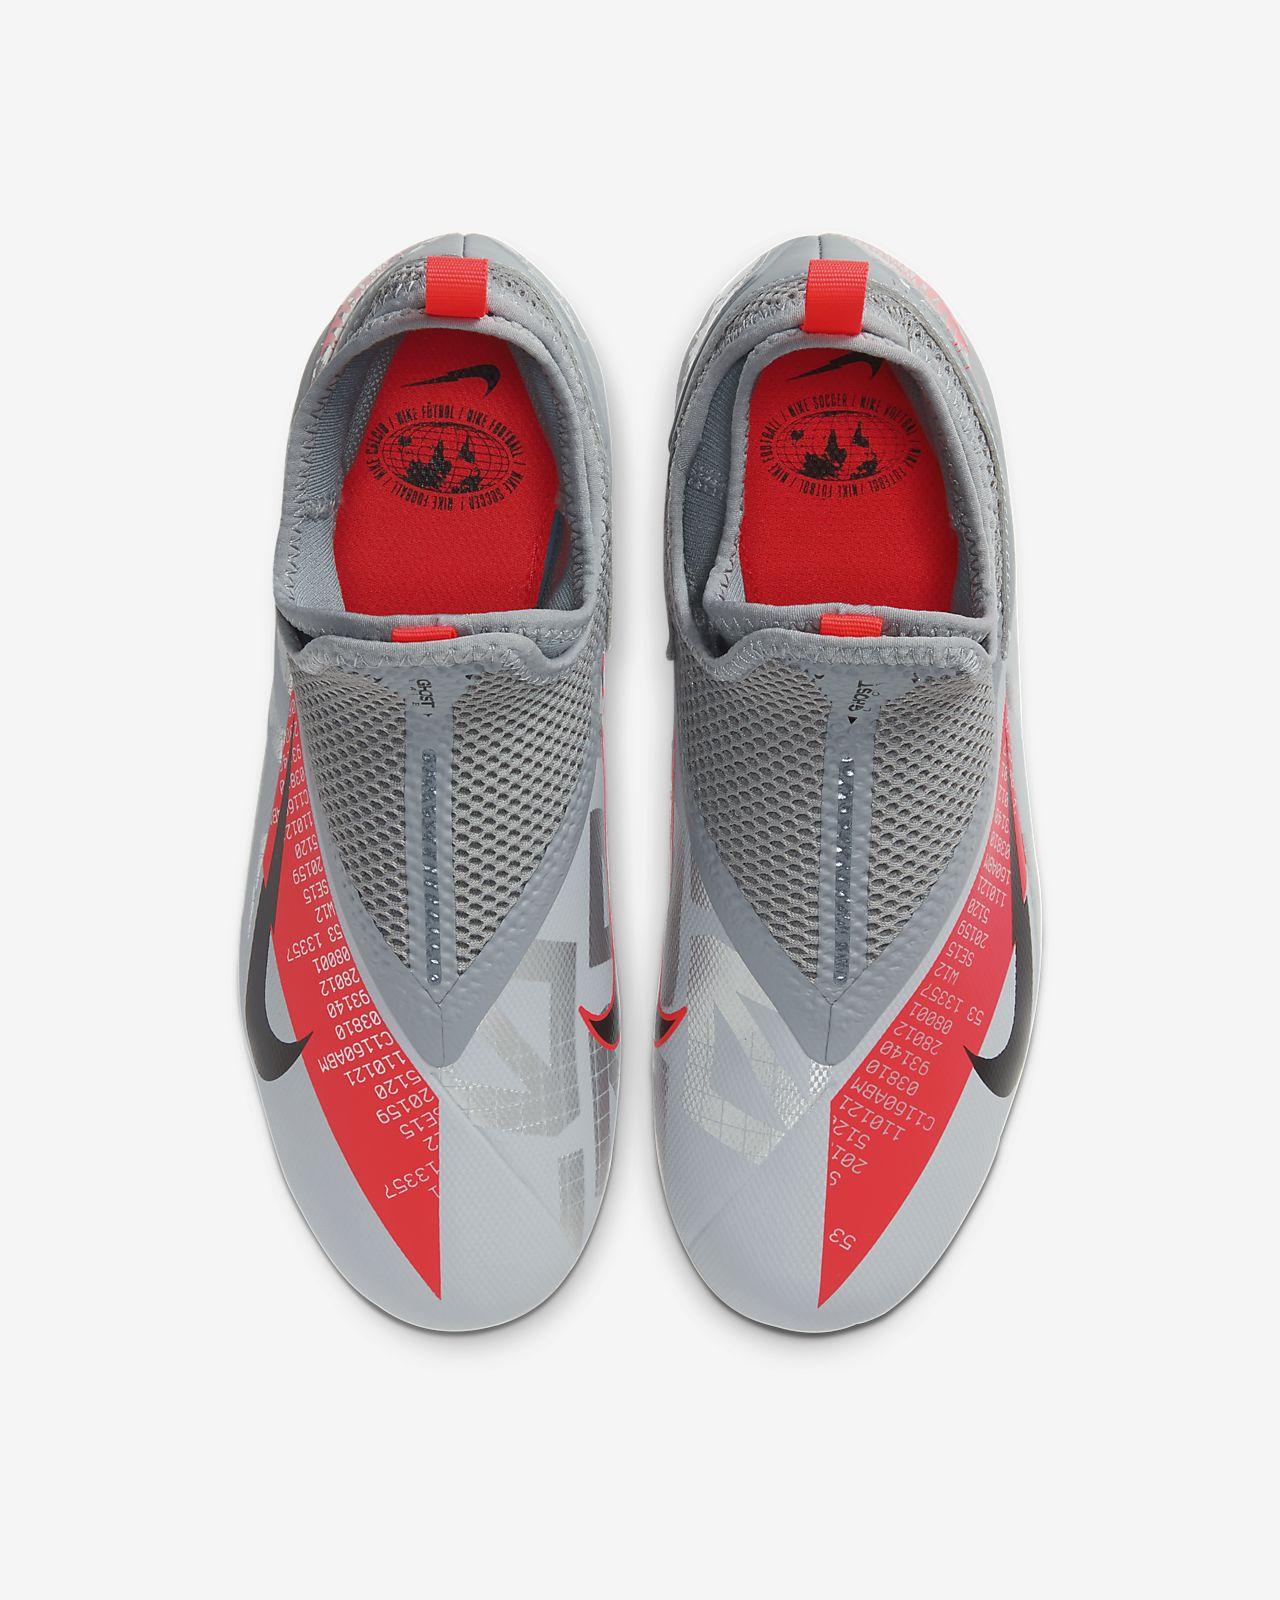 Nike Jr. Phantom Vision 2 Academy Dynamic Fit MG Fußballschuh für verschiedene Böden für jüngereältere Kinder